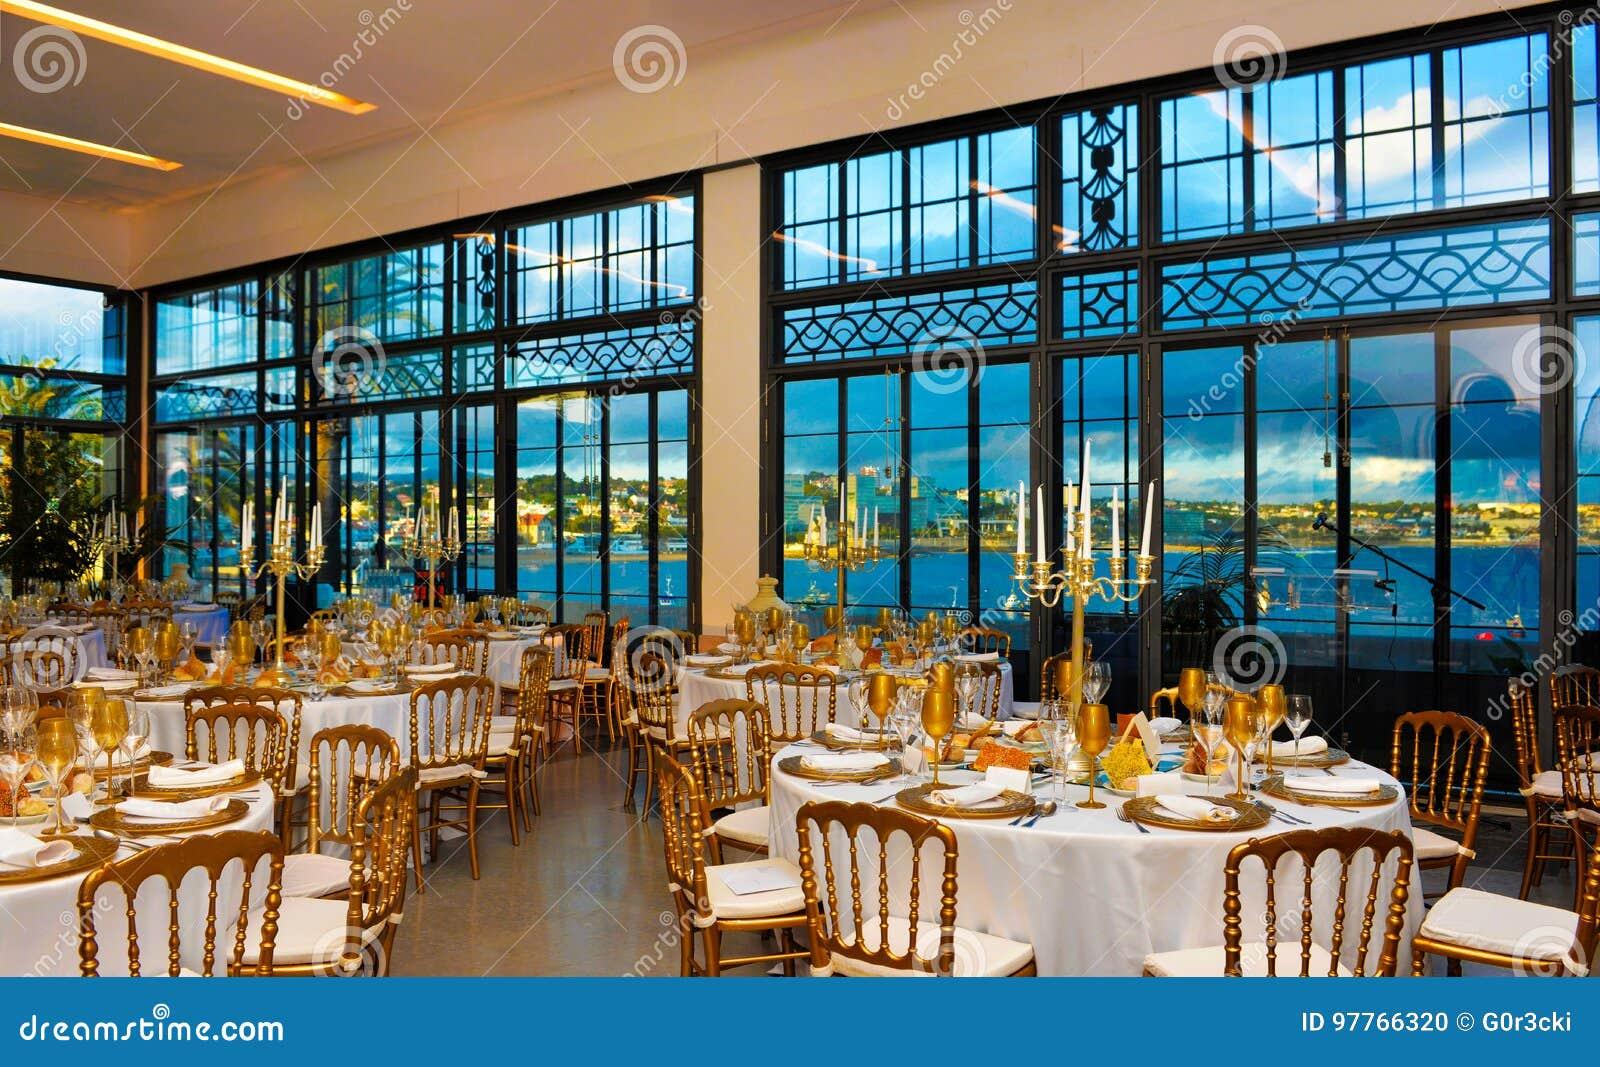 Unternehmensereignis Abendessen Mit Seebucht Ansicht